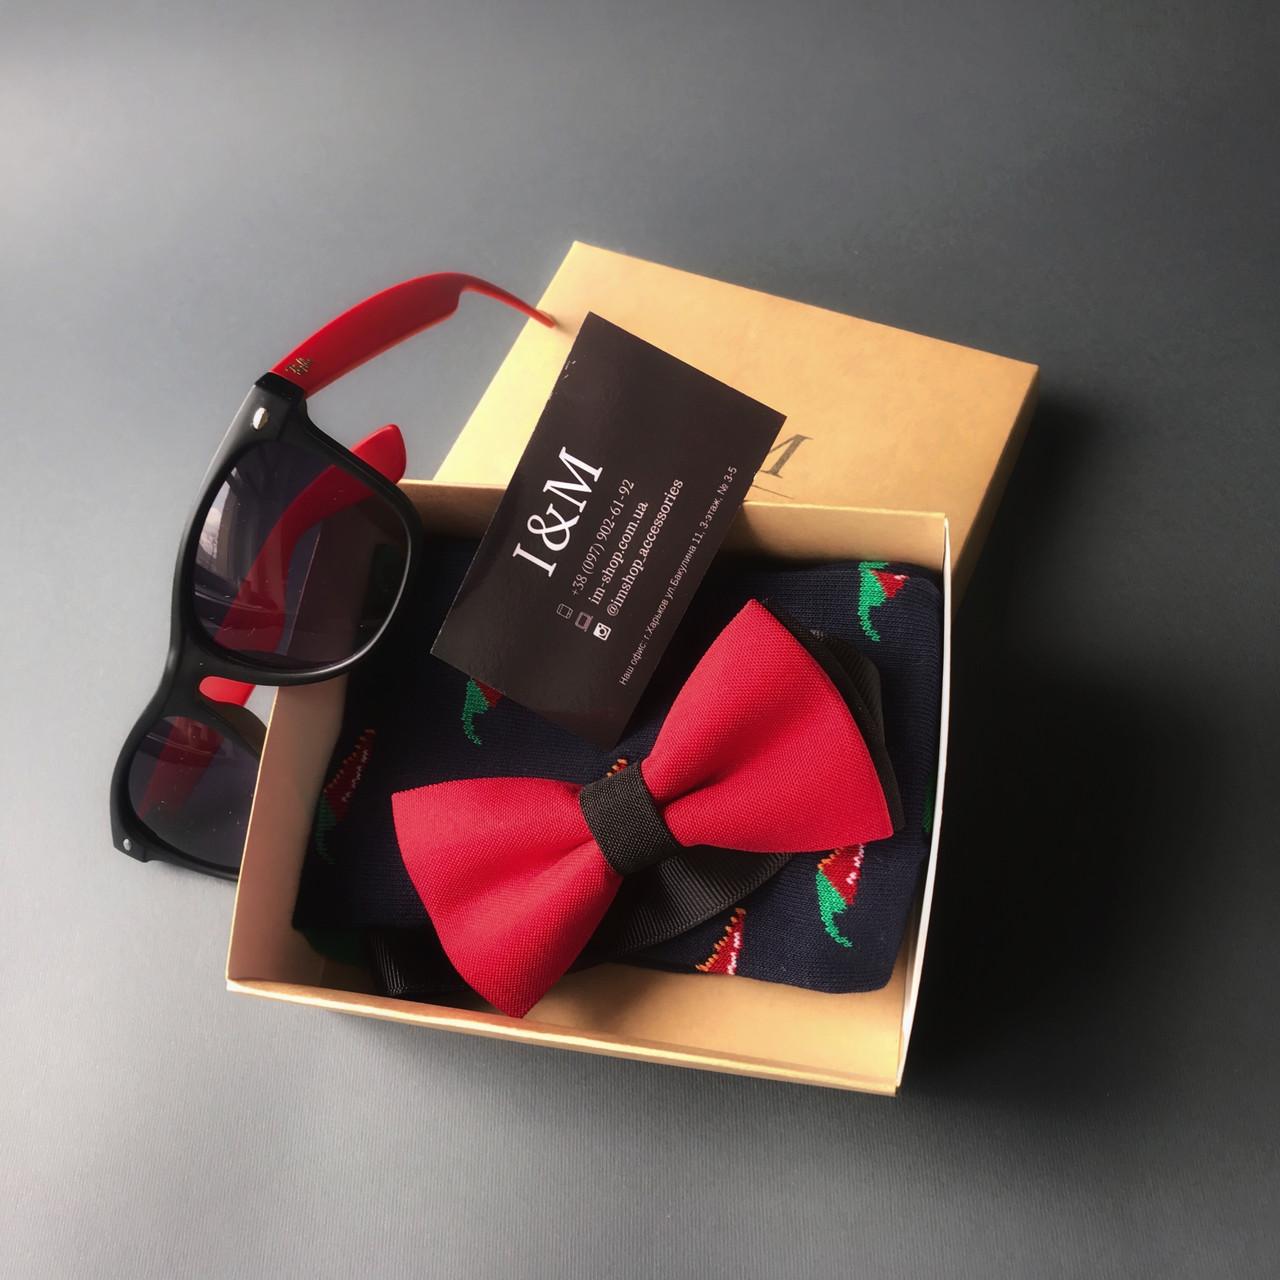 Подарочный набор I&M Craft бабочка, носки и очки для мужчин (120103)